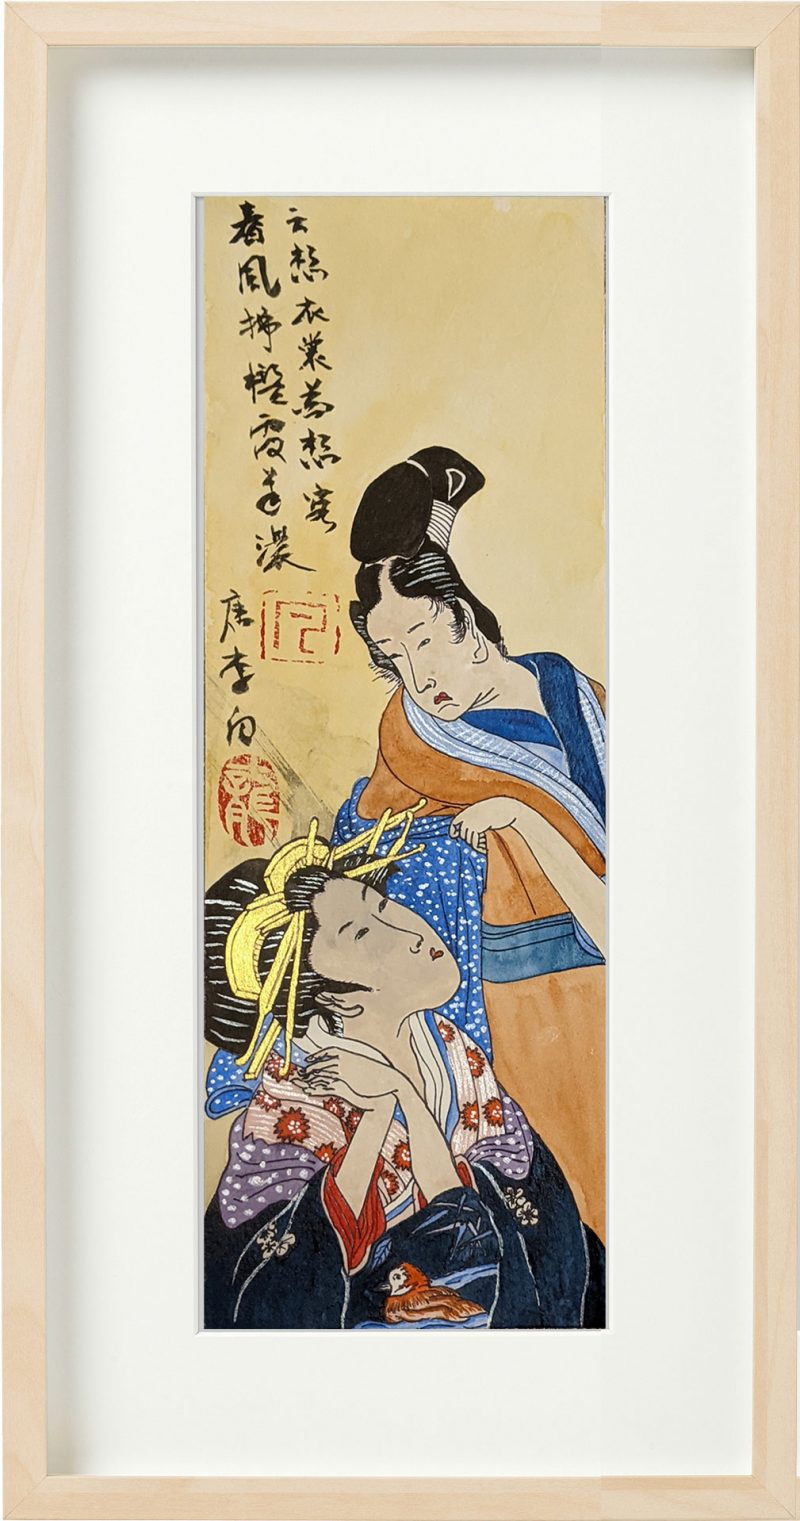 When Utamaro Met Drunken Poet Li Bai